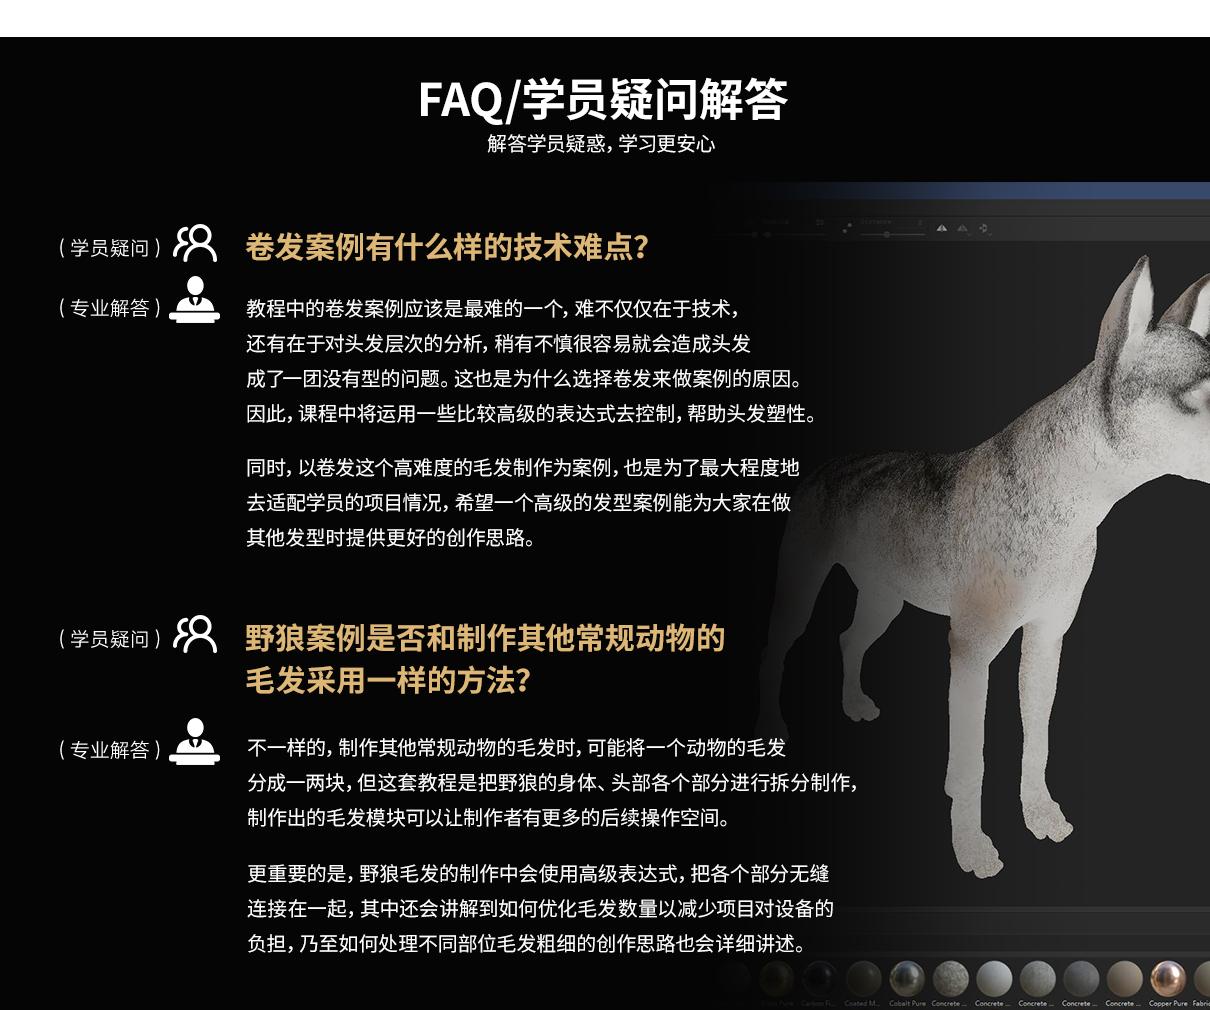 黄惠峰XGEN毛发世界PC_17.jpg